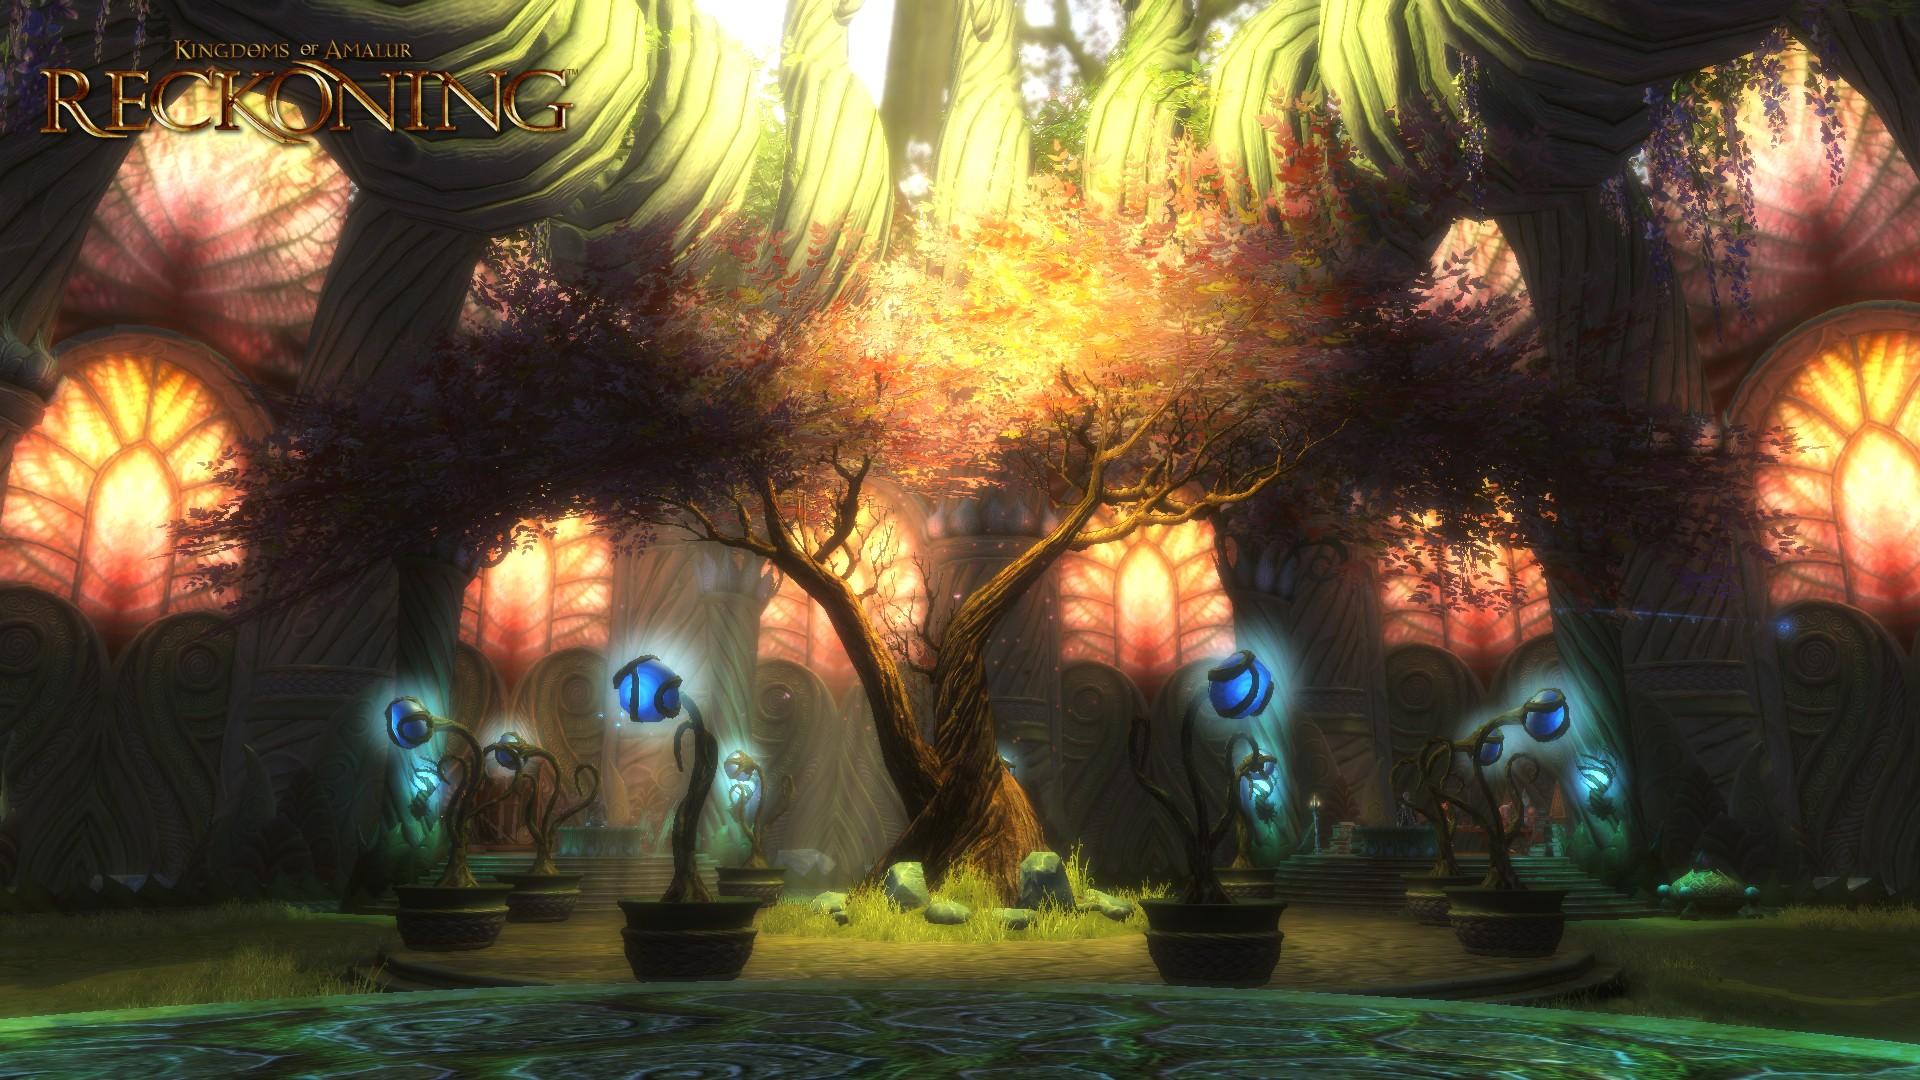 Kingdoms Of Amalur Reckoning RPG Site